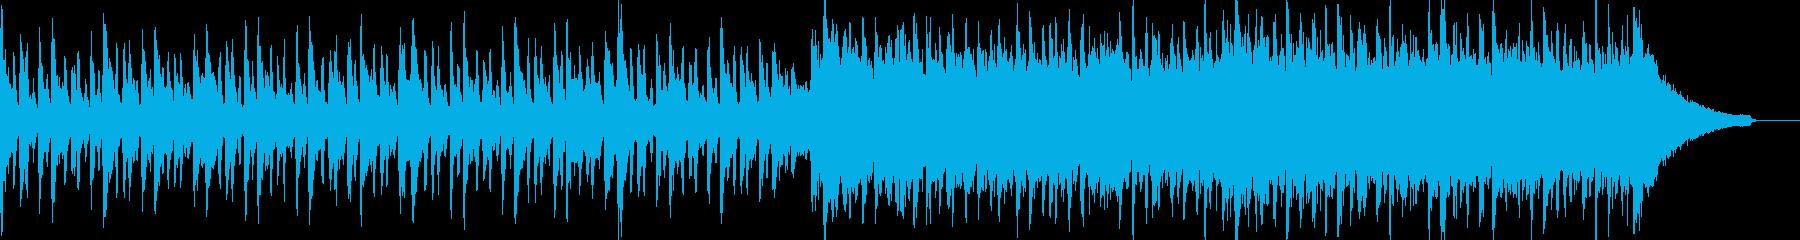 企業VPや映像46、壮大、オーケストラbの再生済みの波形